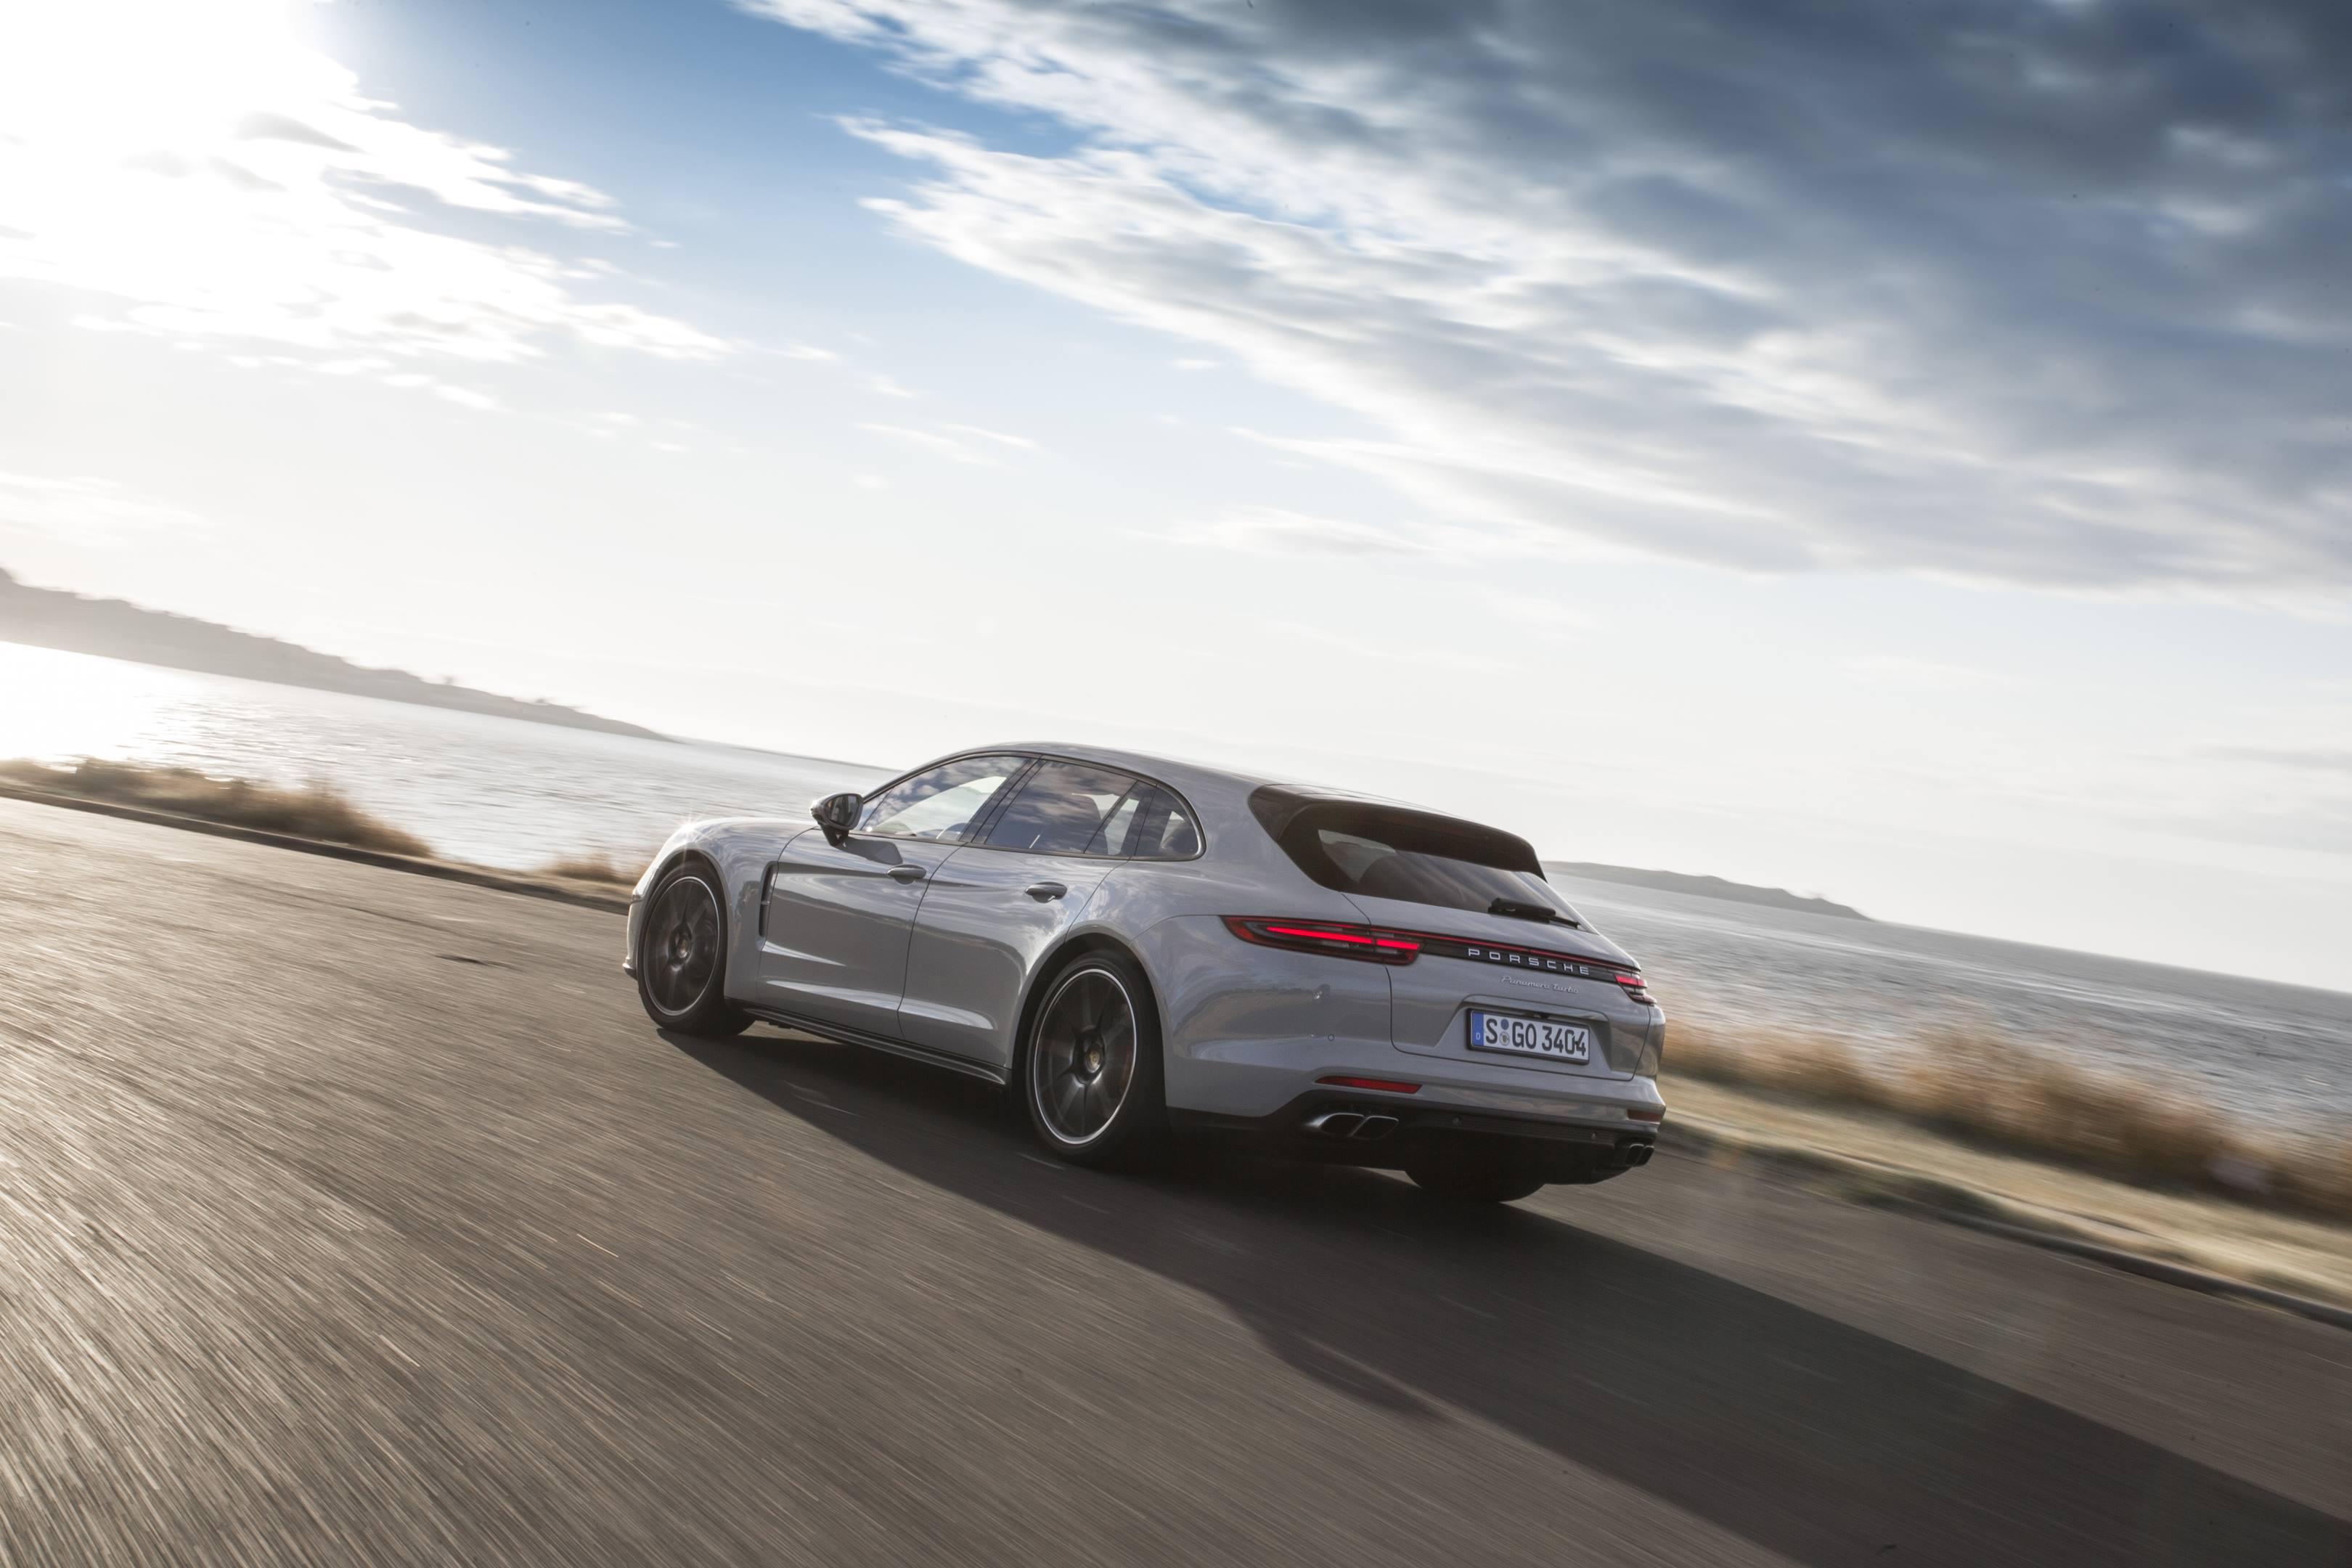 2018 Porsche Panamera Turbo Sport Turismo rear 3/4